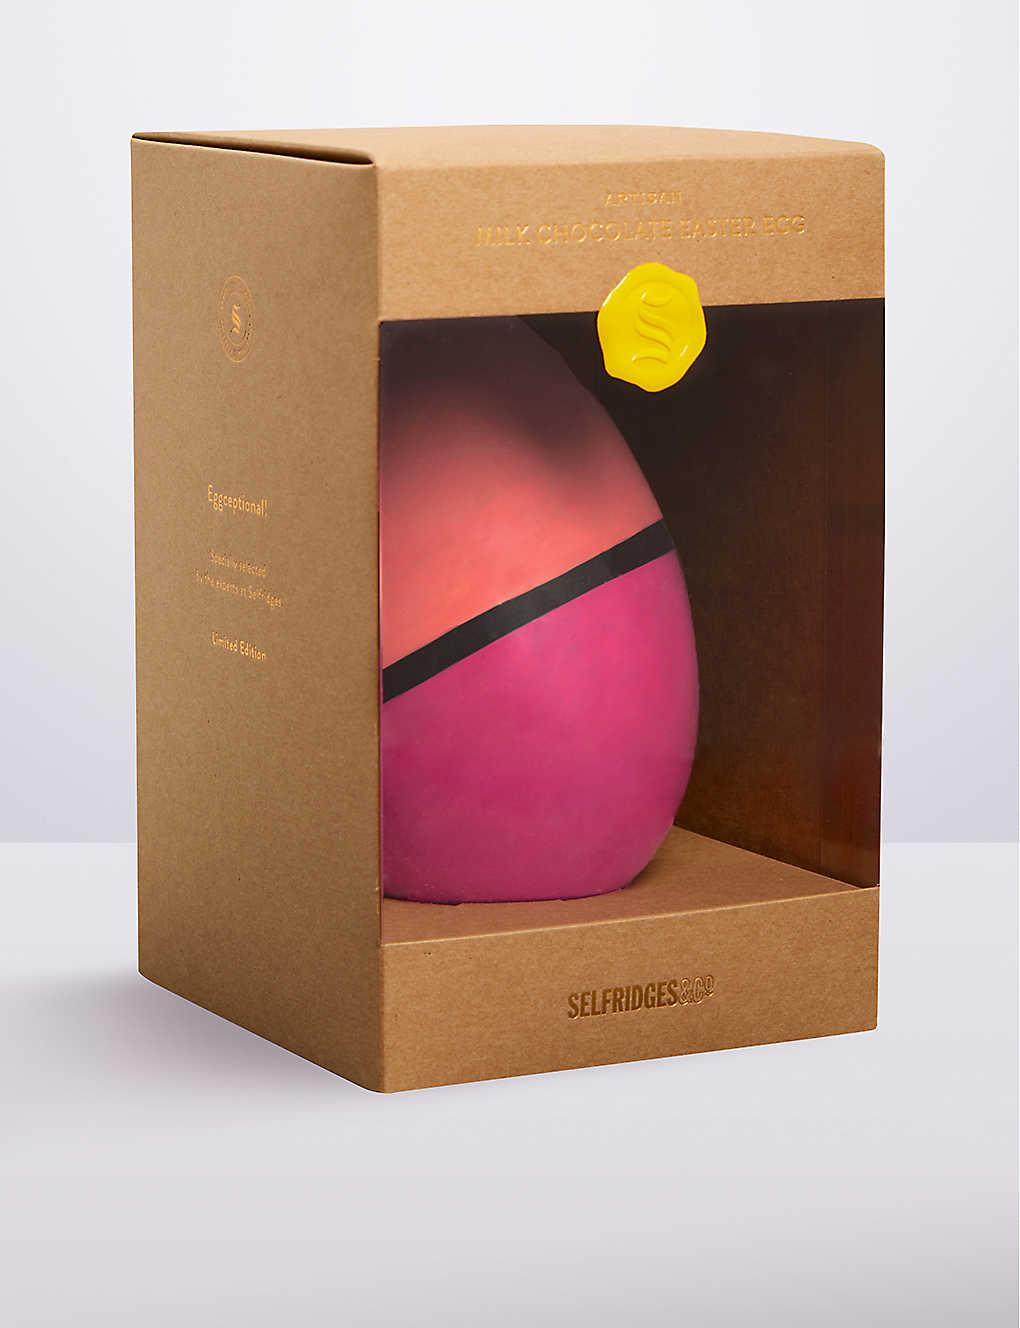 d485721108cb SELFRIDGES SELECTION - Artisan milk chocolate Easter egg 200g ...